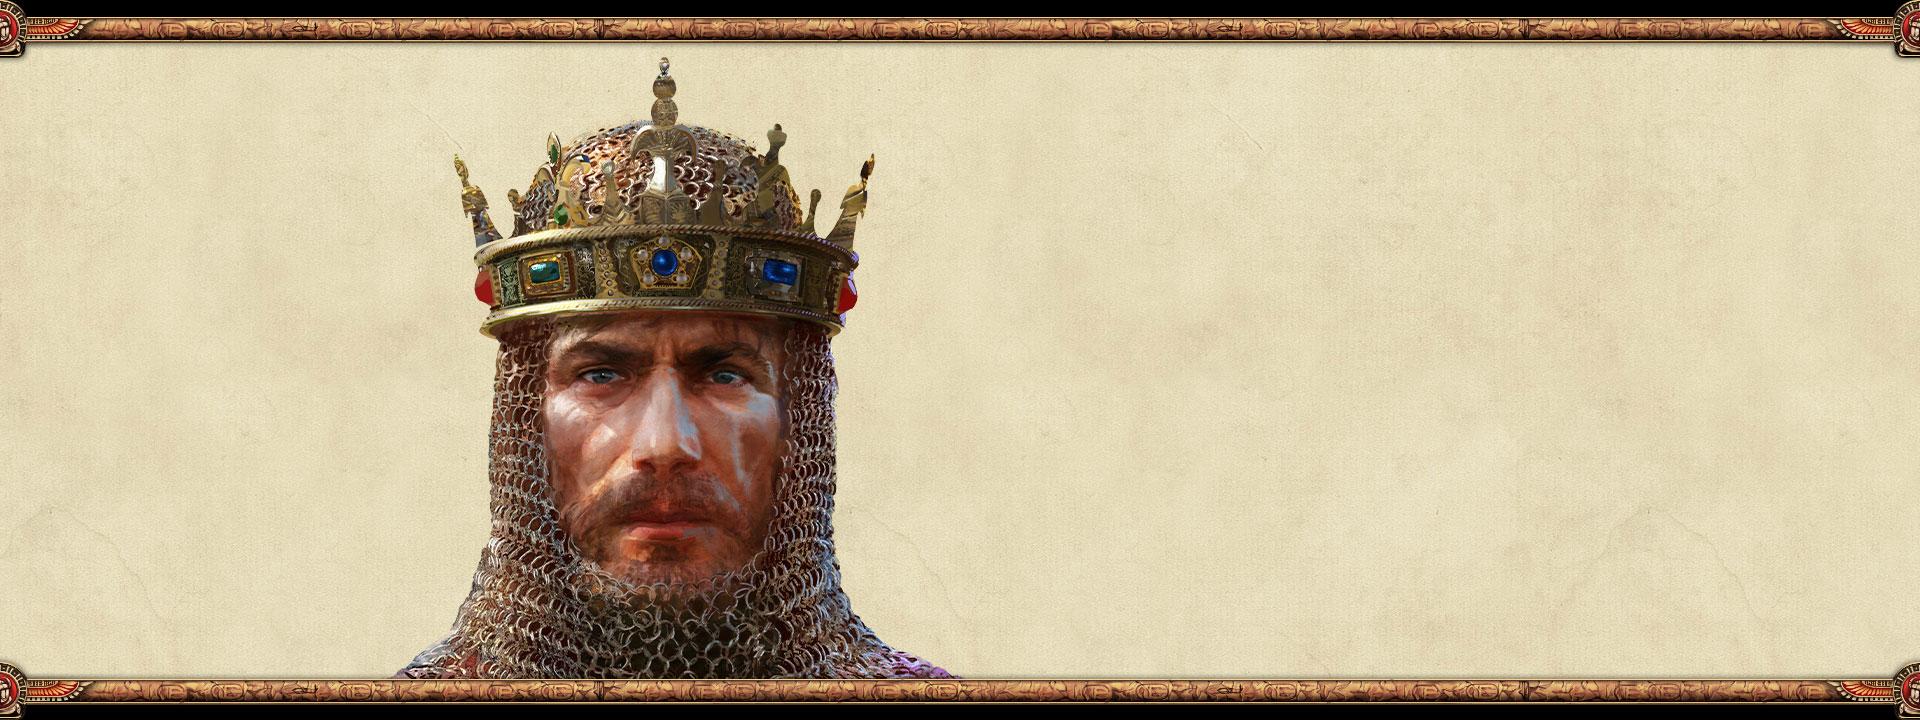 O governante de um império com cota de malha e uma coroa